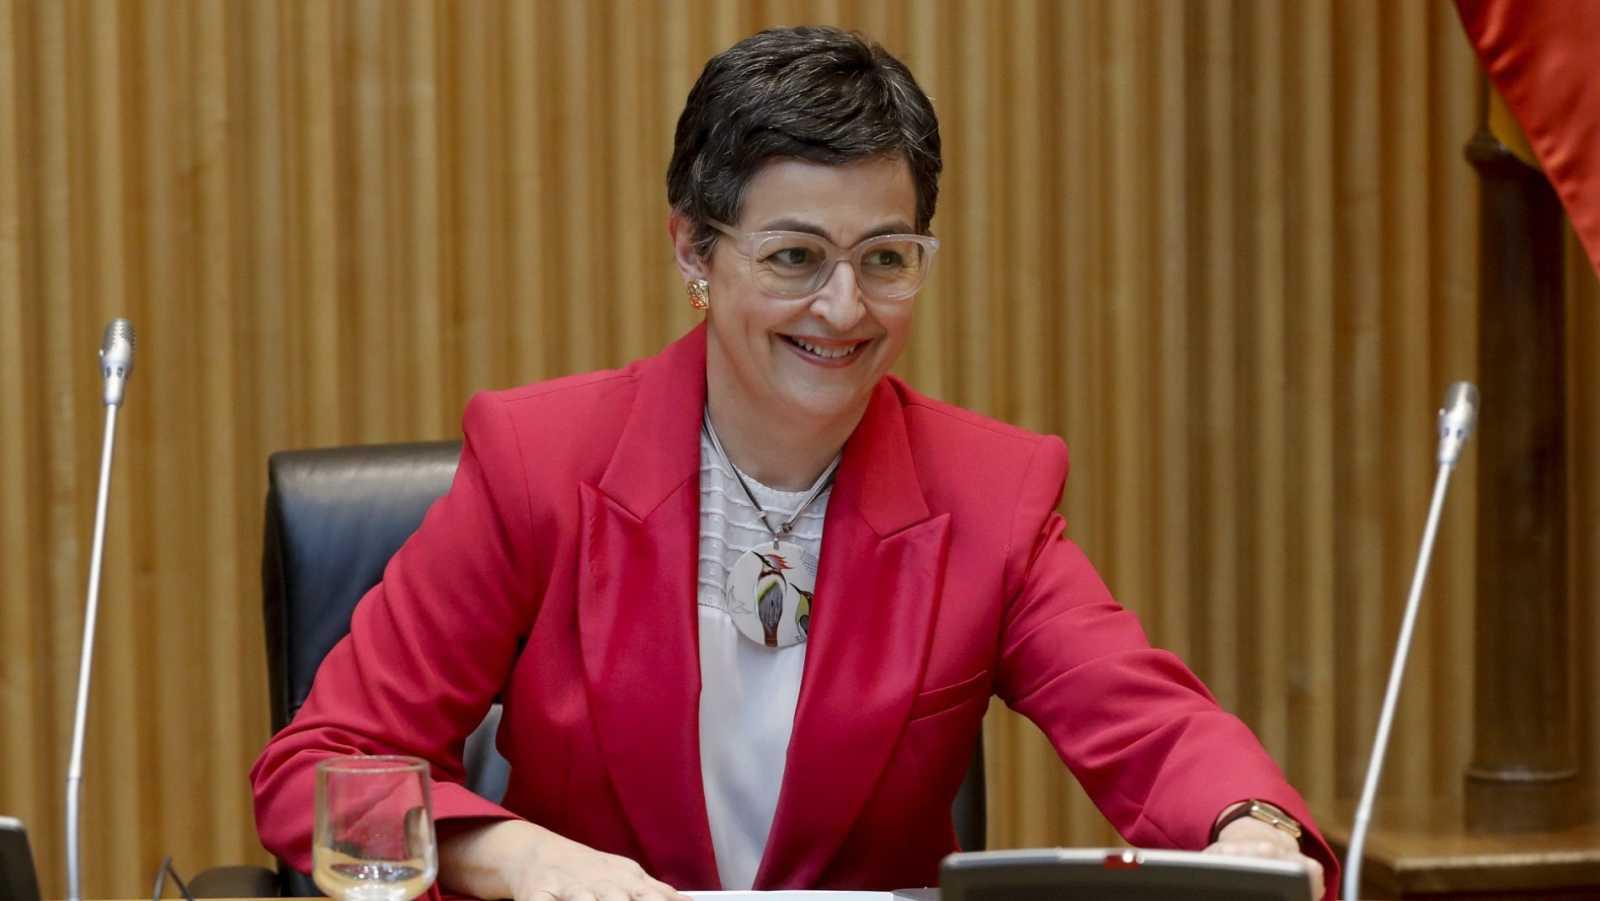 La ministra de Asuntos Exteriores, Unión Europea y Cooperación, Arancha González Laya, comparece en la Comisión para la Reconstrucción Social y Económica del Congreso de los Diputados, este martes